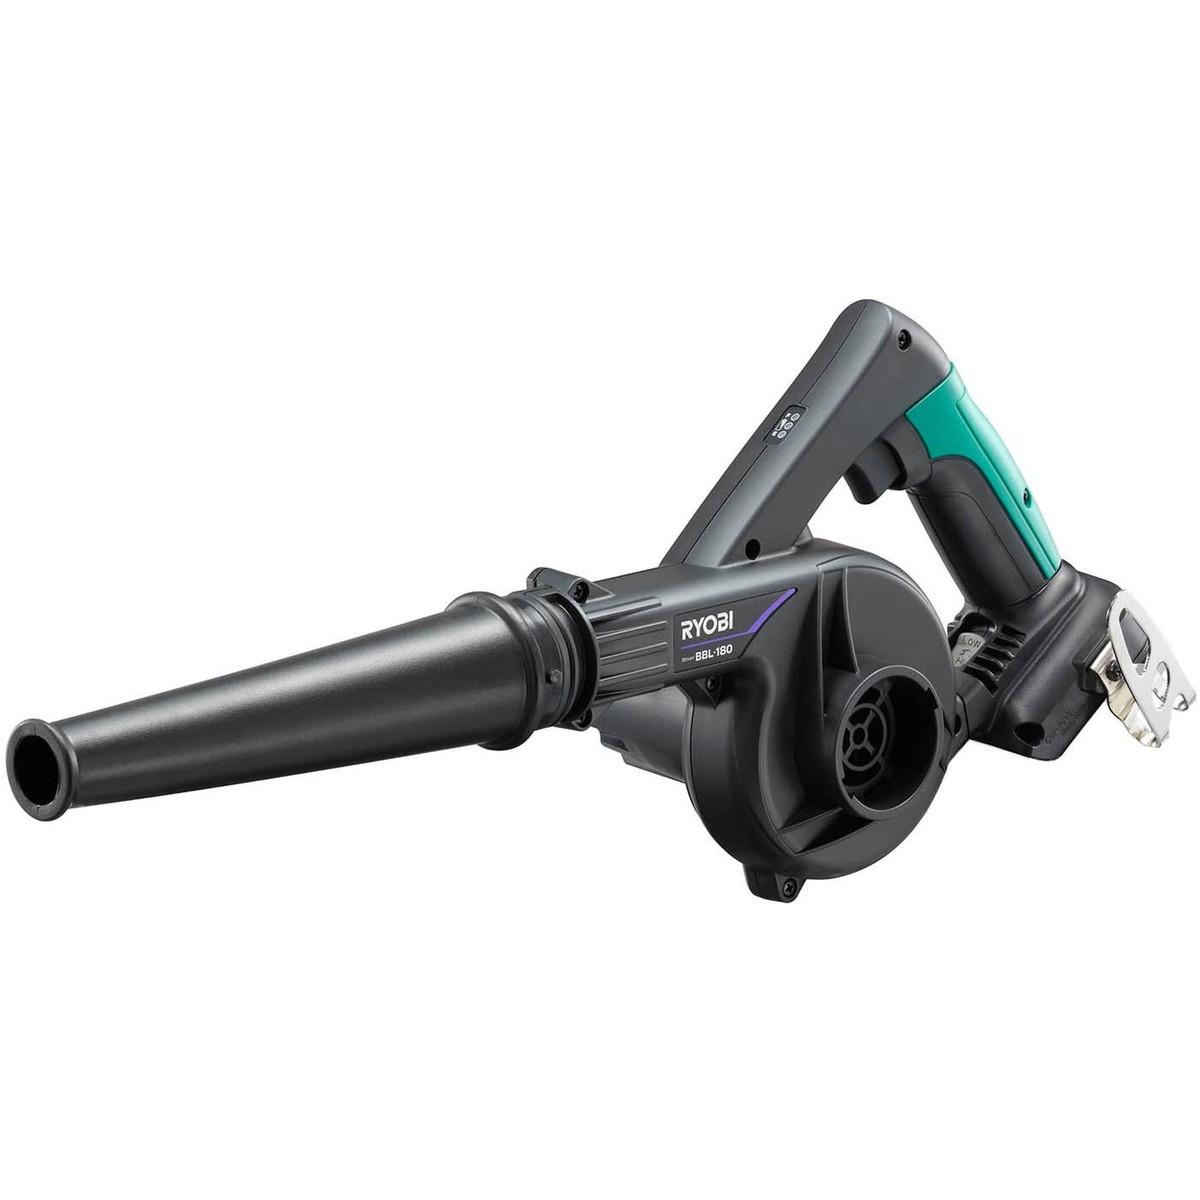 リョービ/RYOBI 充電式ブロワ BBL-180 (本体のみ/電池パック・充電器別売) 681803A